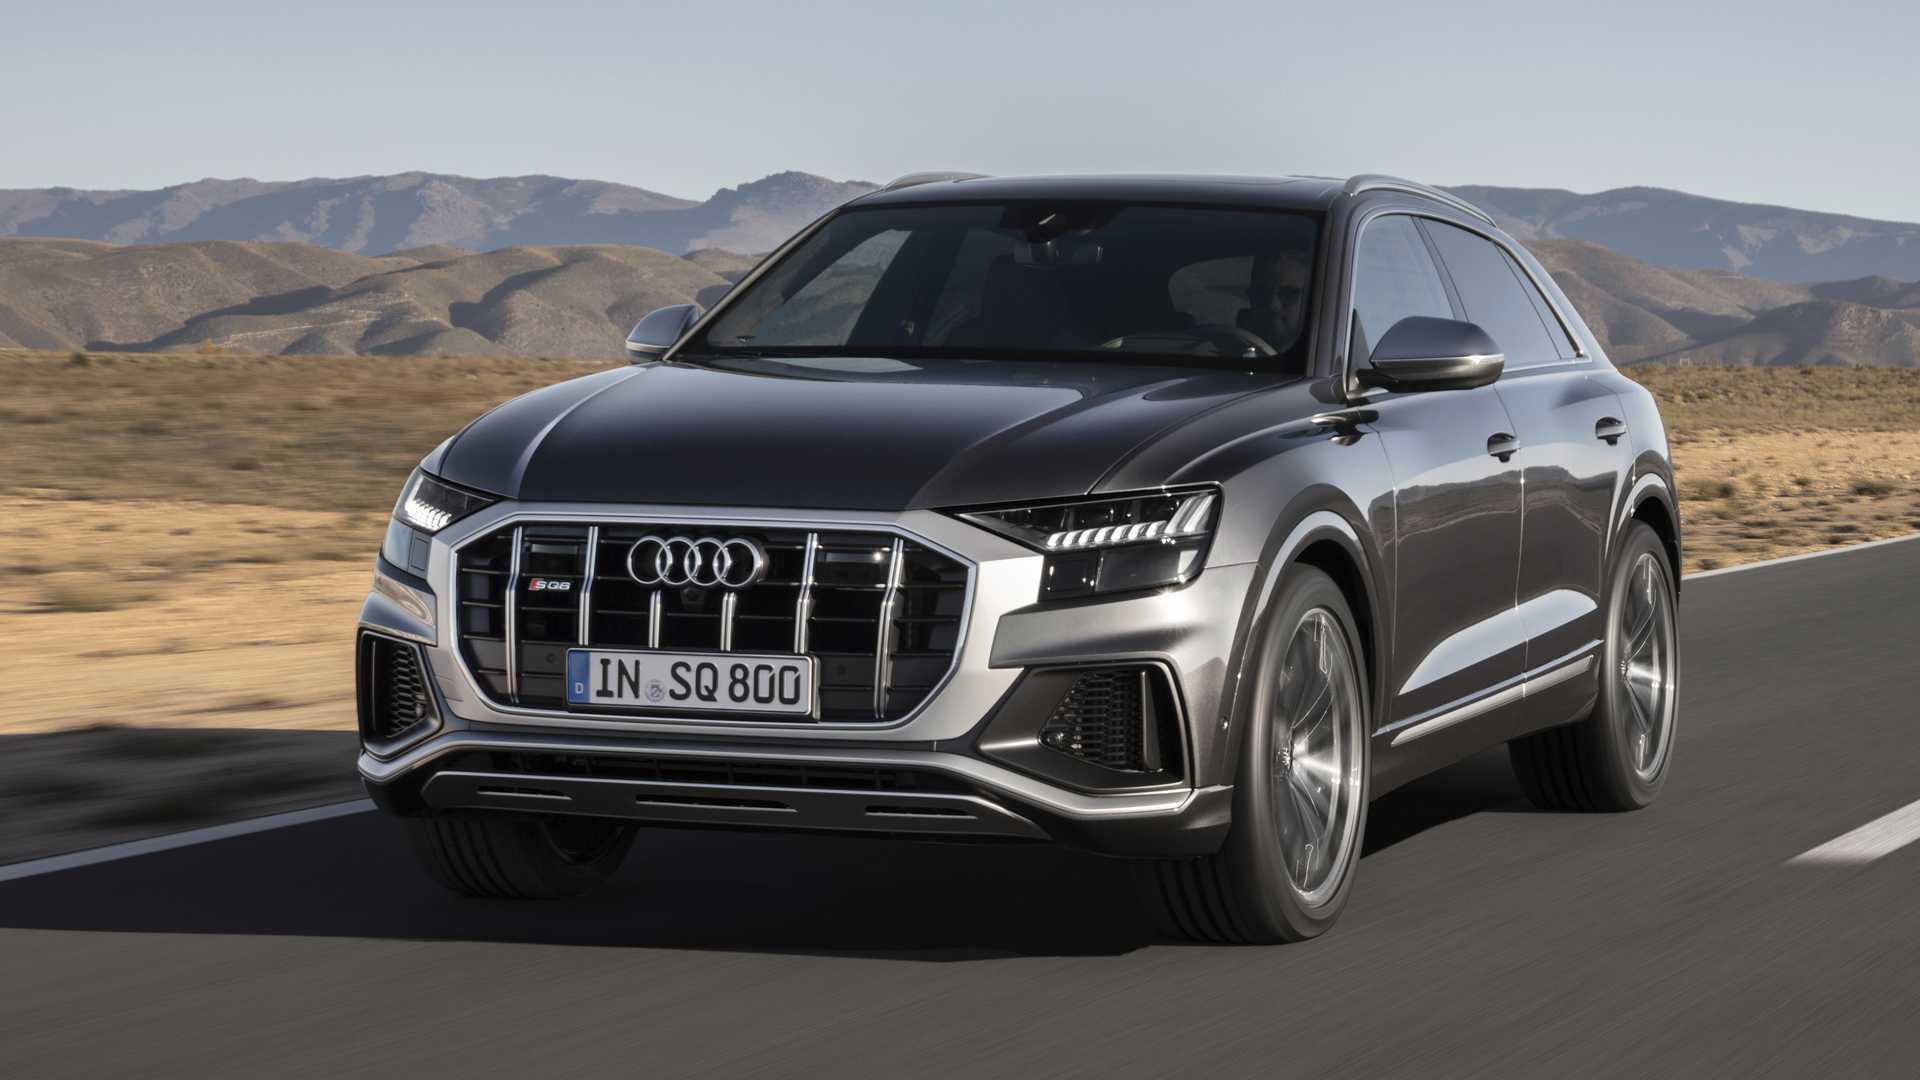 Audi Sq8 Tdi 2020 15